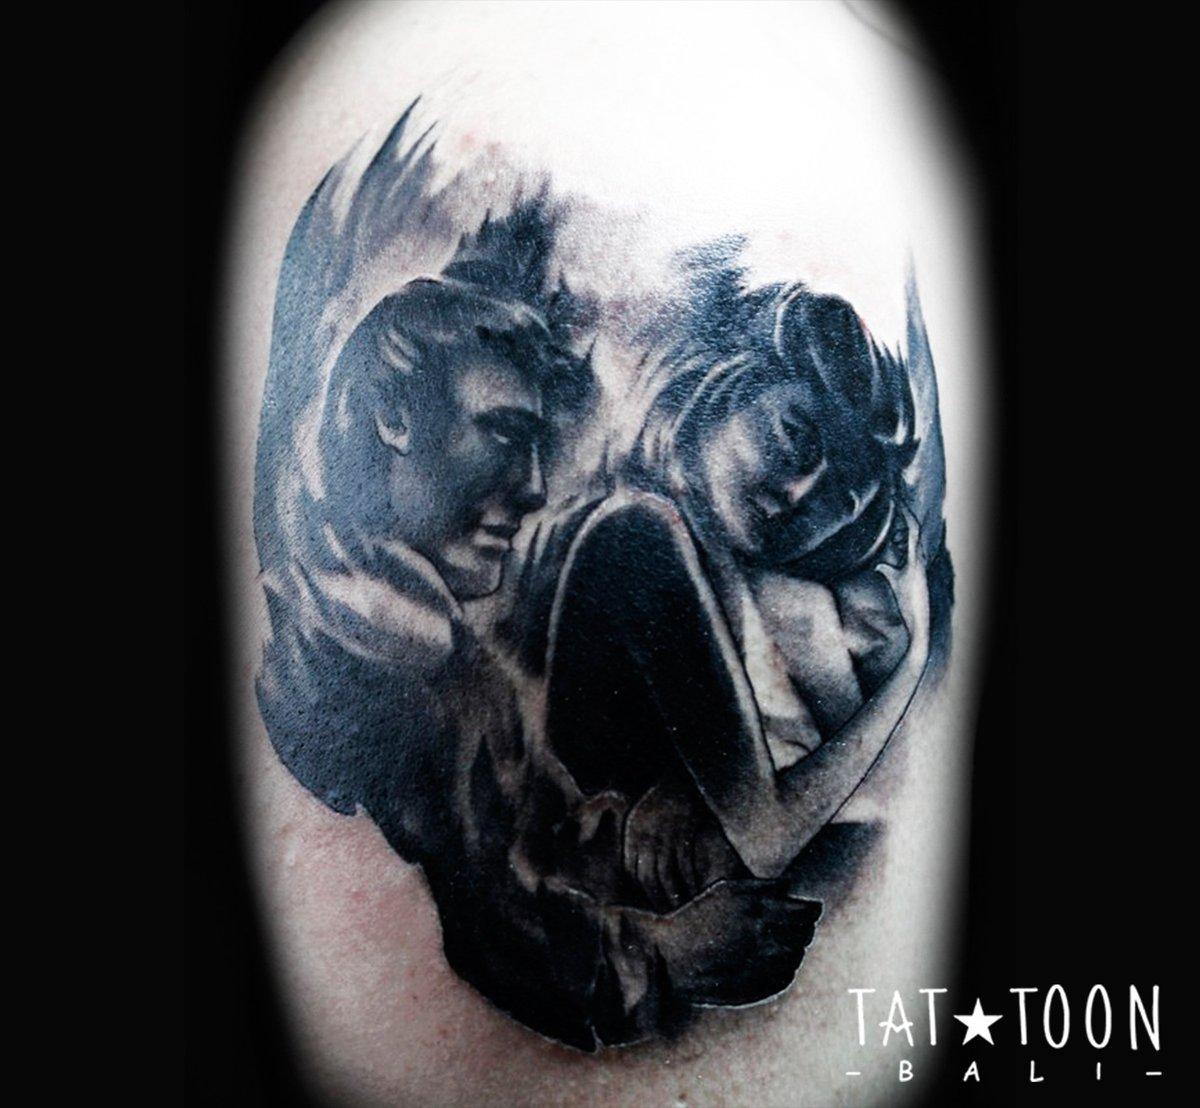 Tattoon Bali Tattoonbali Twitter